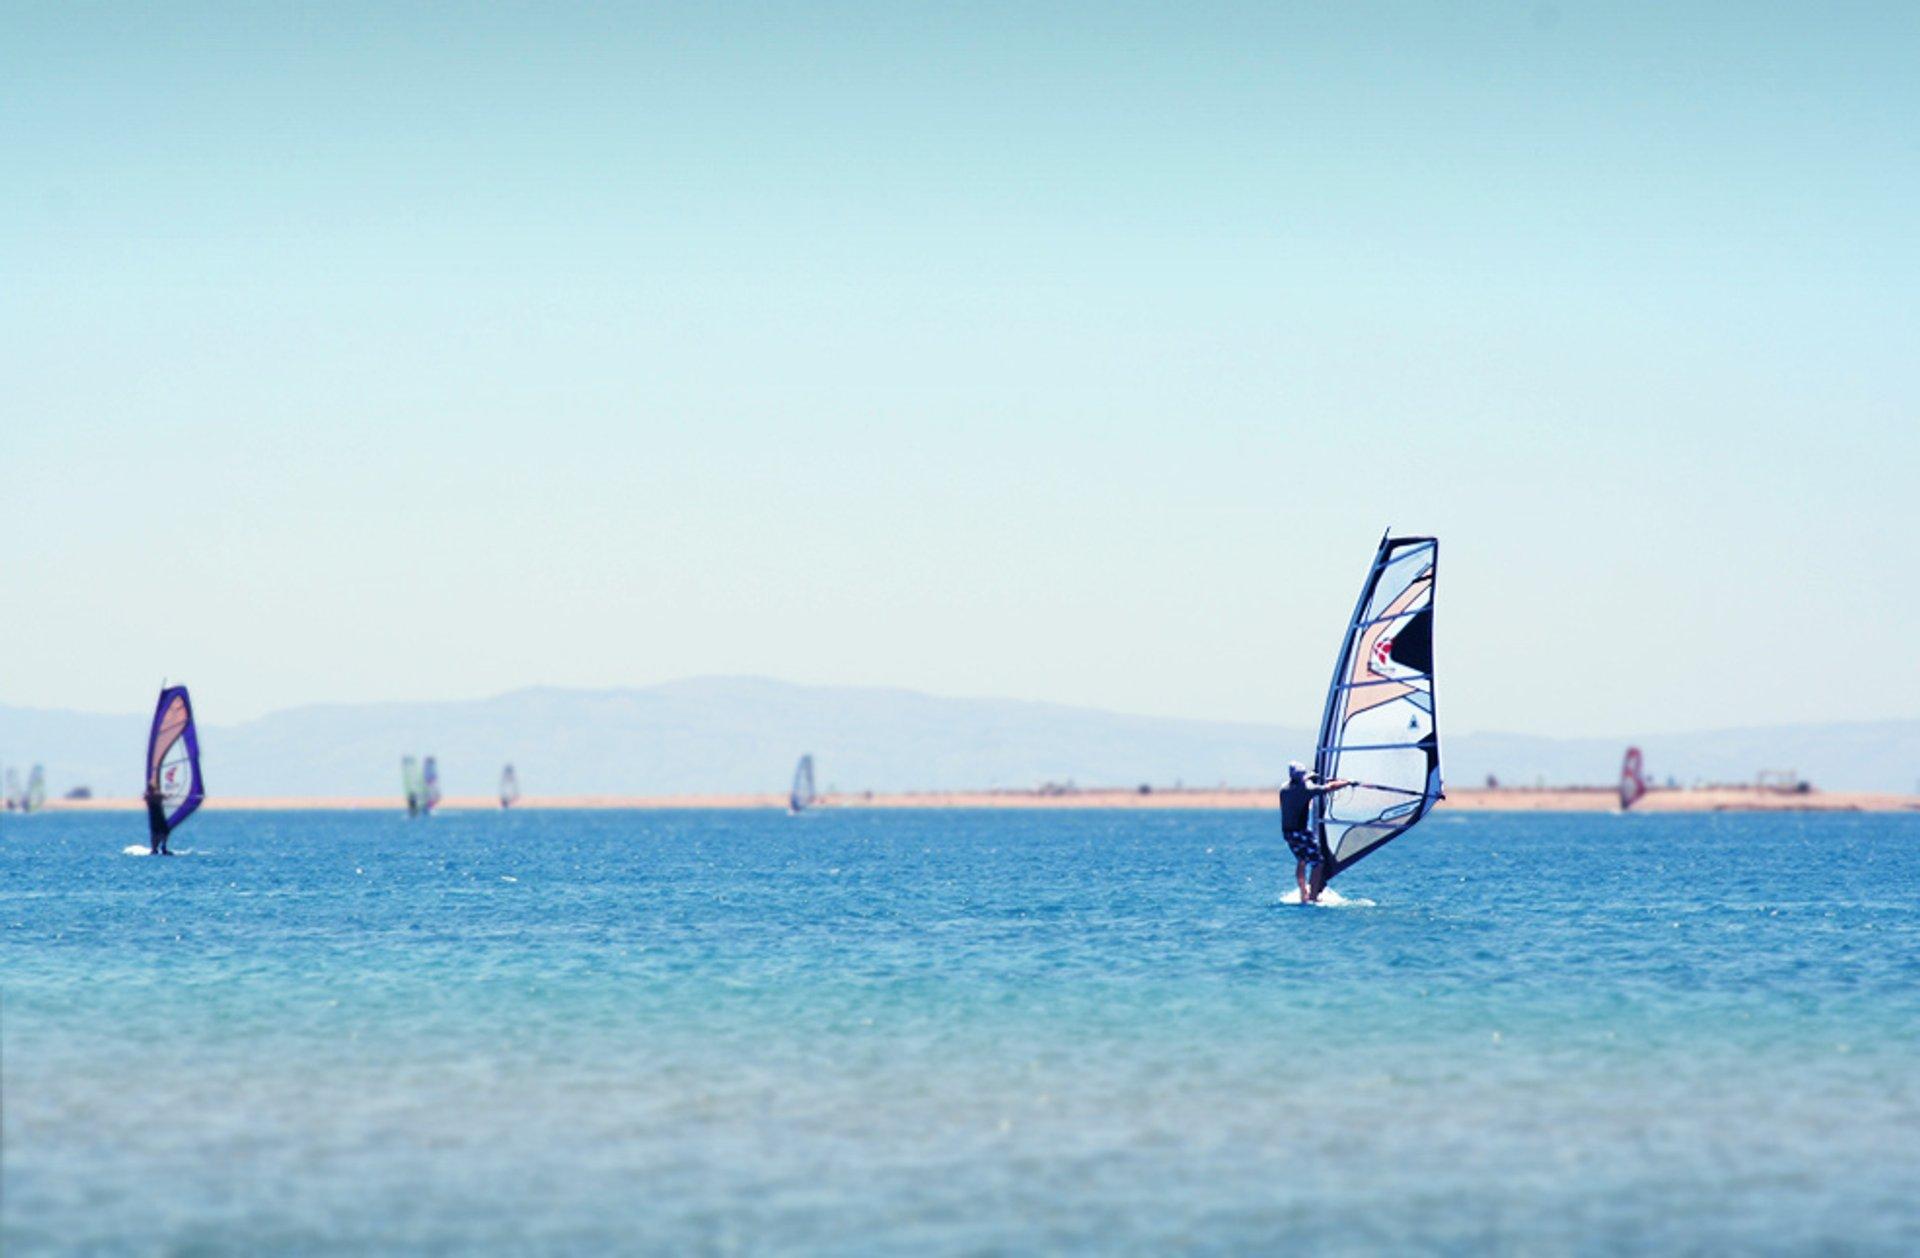 Windsurfing in Dahab in Egypt - Best Season 2020